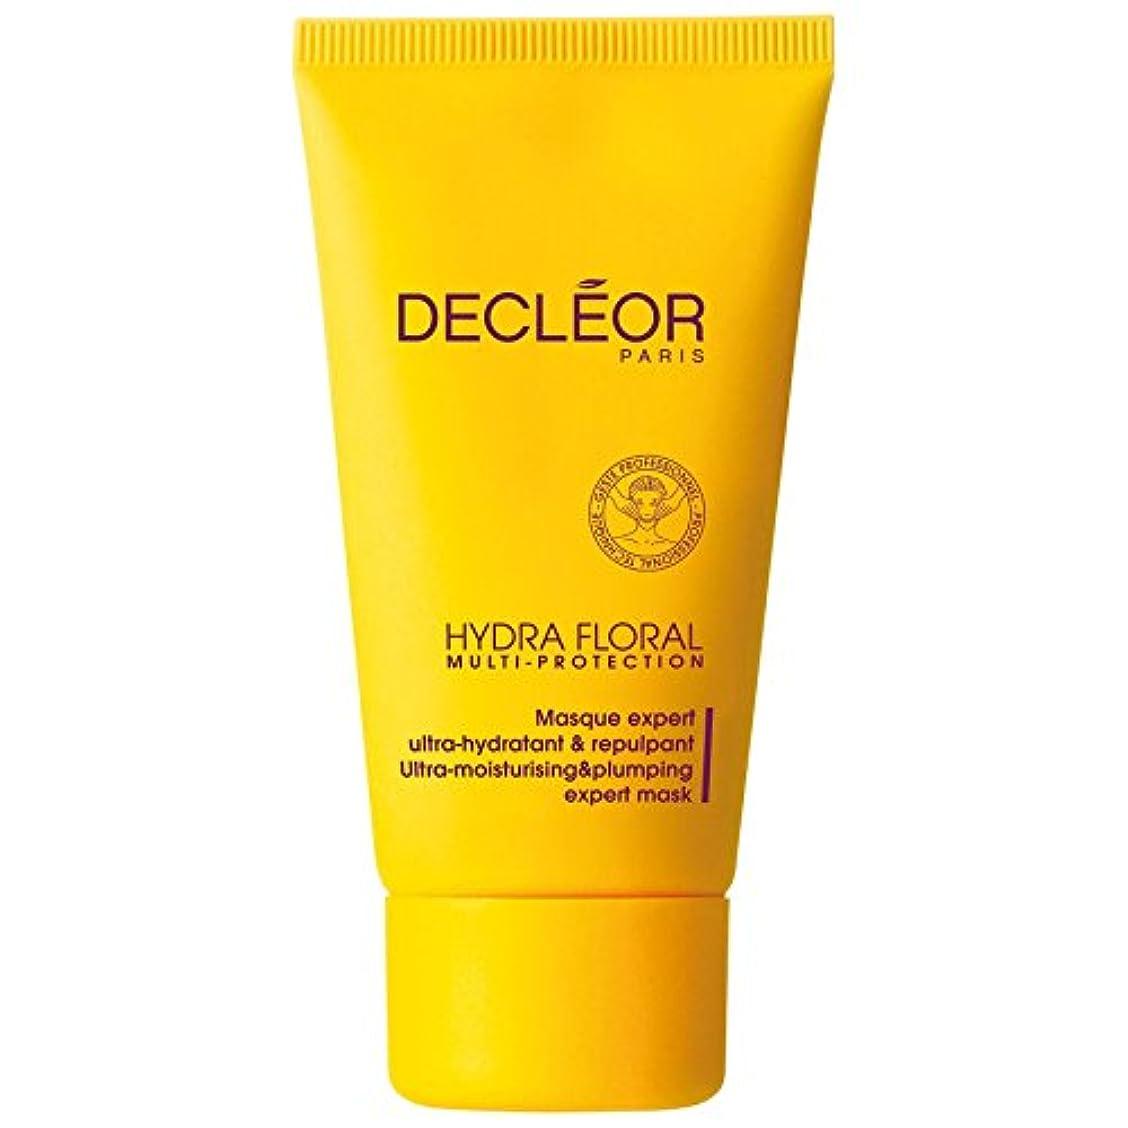 体系的に比べる郵便[Decl?or] デクレオールヒドラ花のマルチ保護の専門家マスク50ミリリットル - Decl?or Hydra Floral Multi Protection Expert Mask 50ml [並行輸入品]